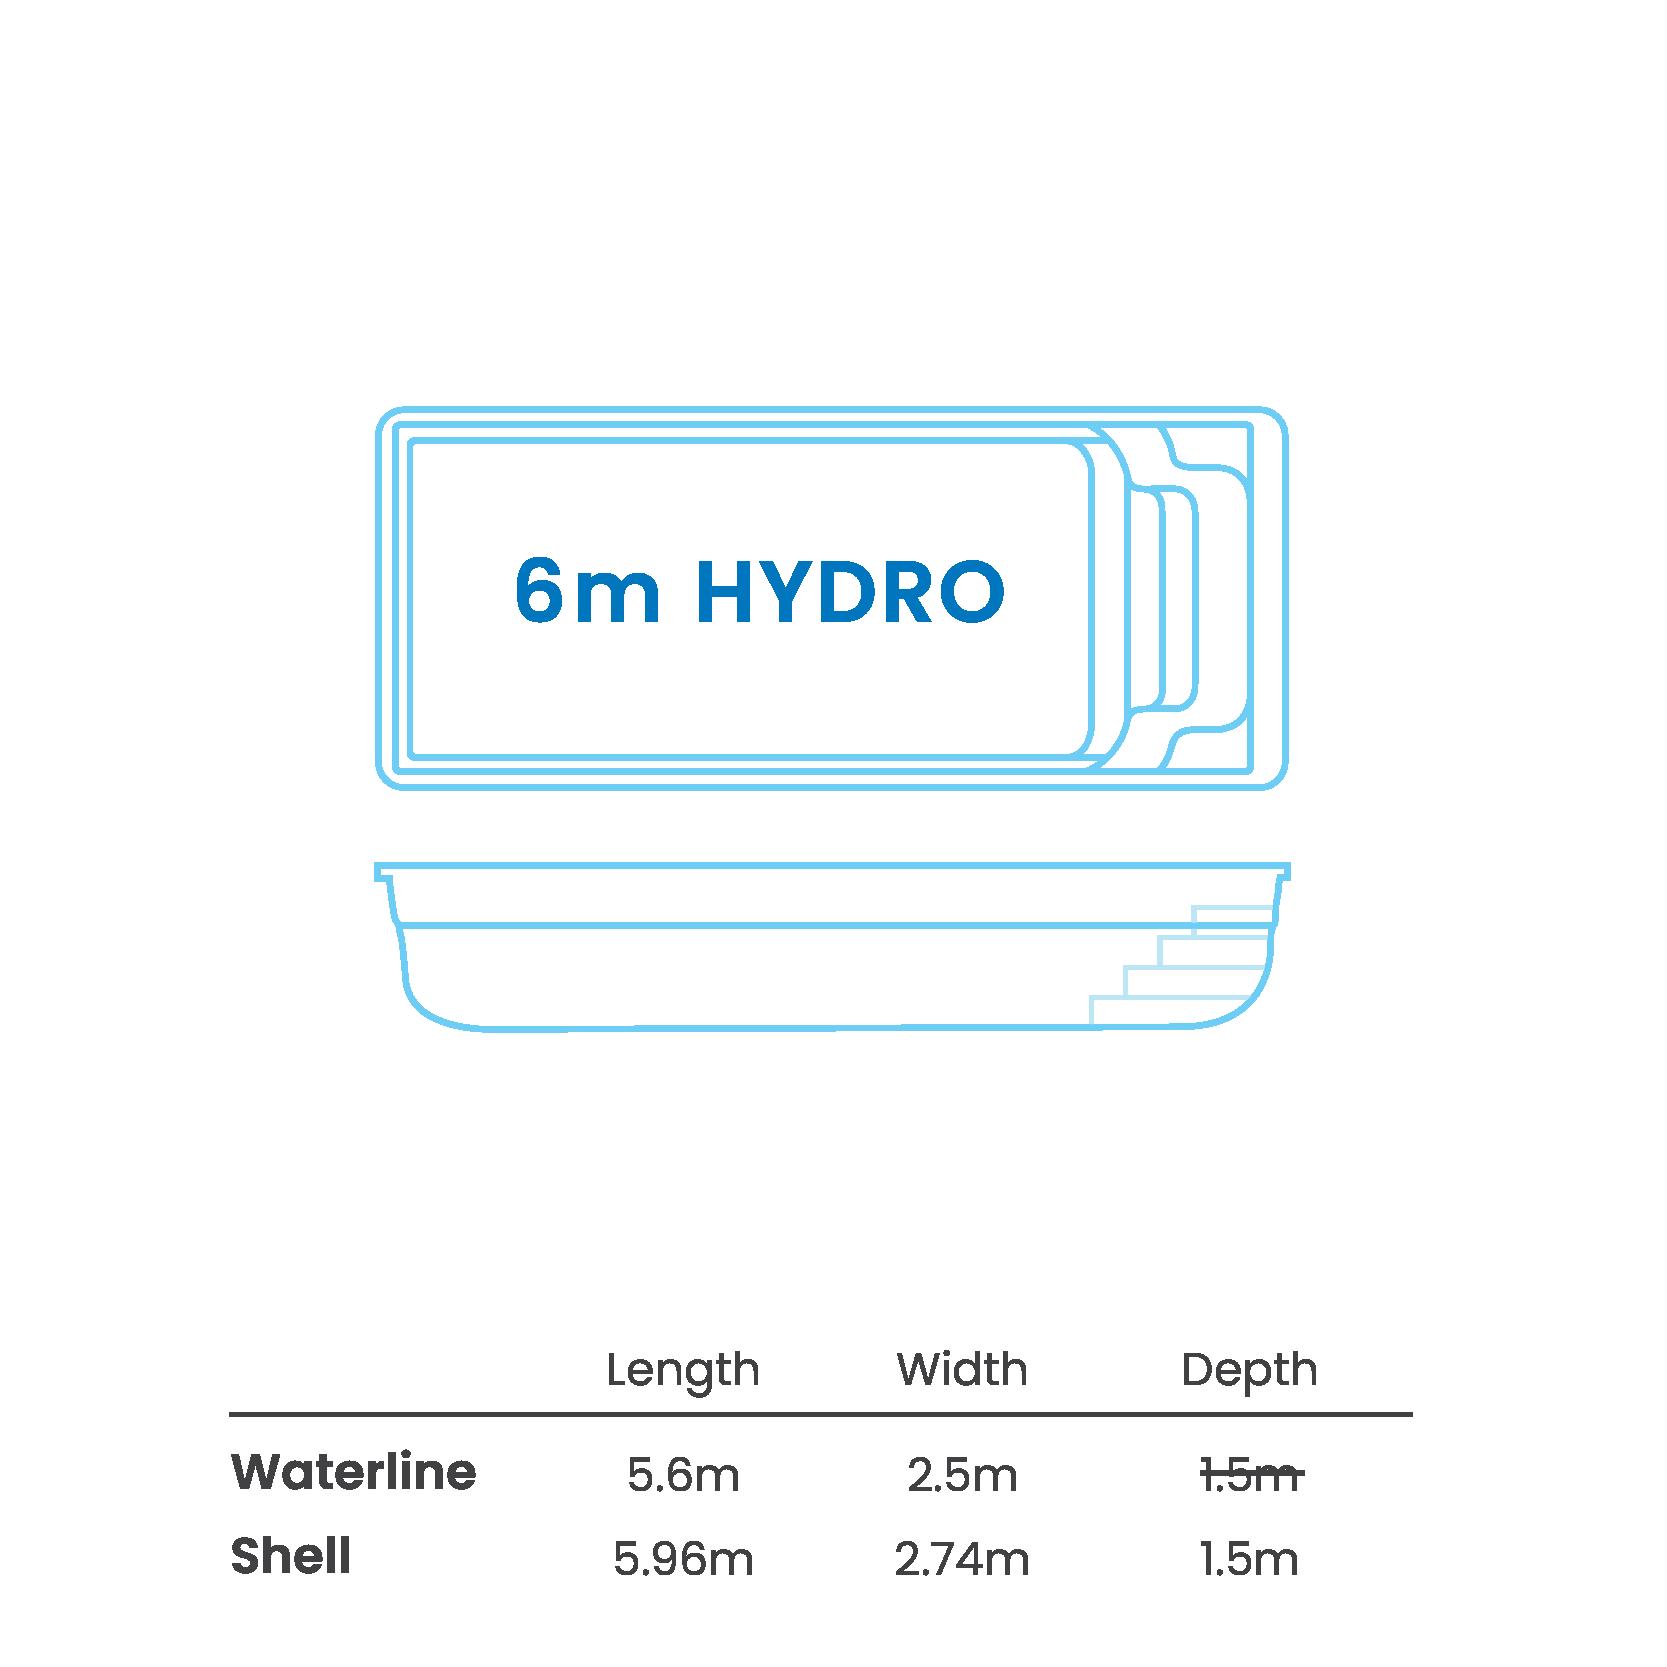 Hydro-6m